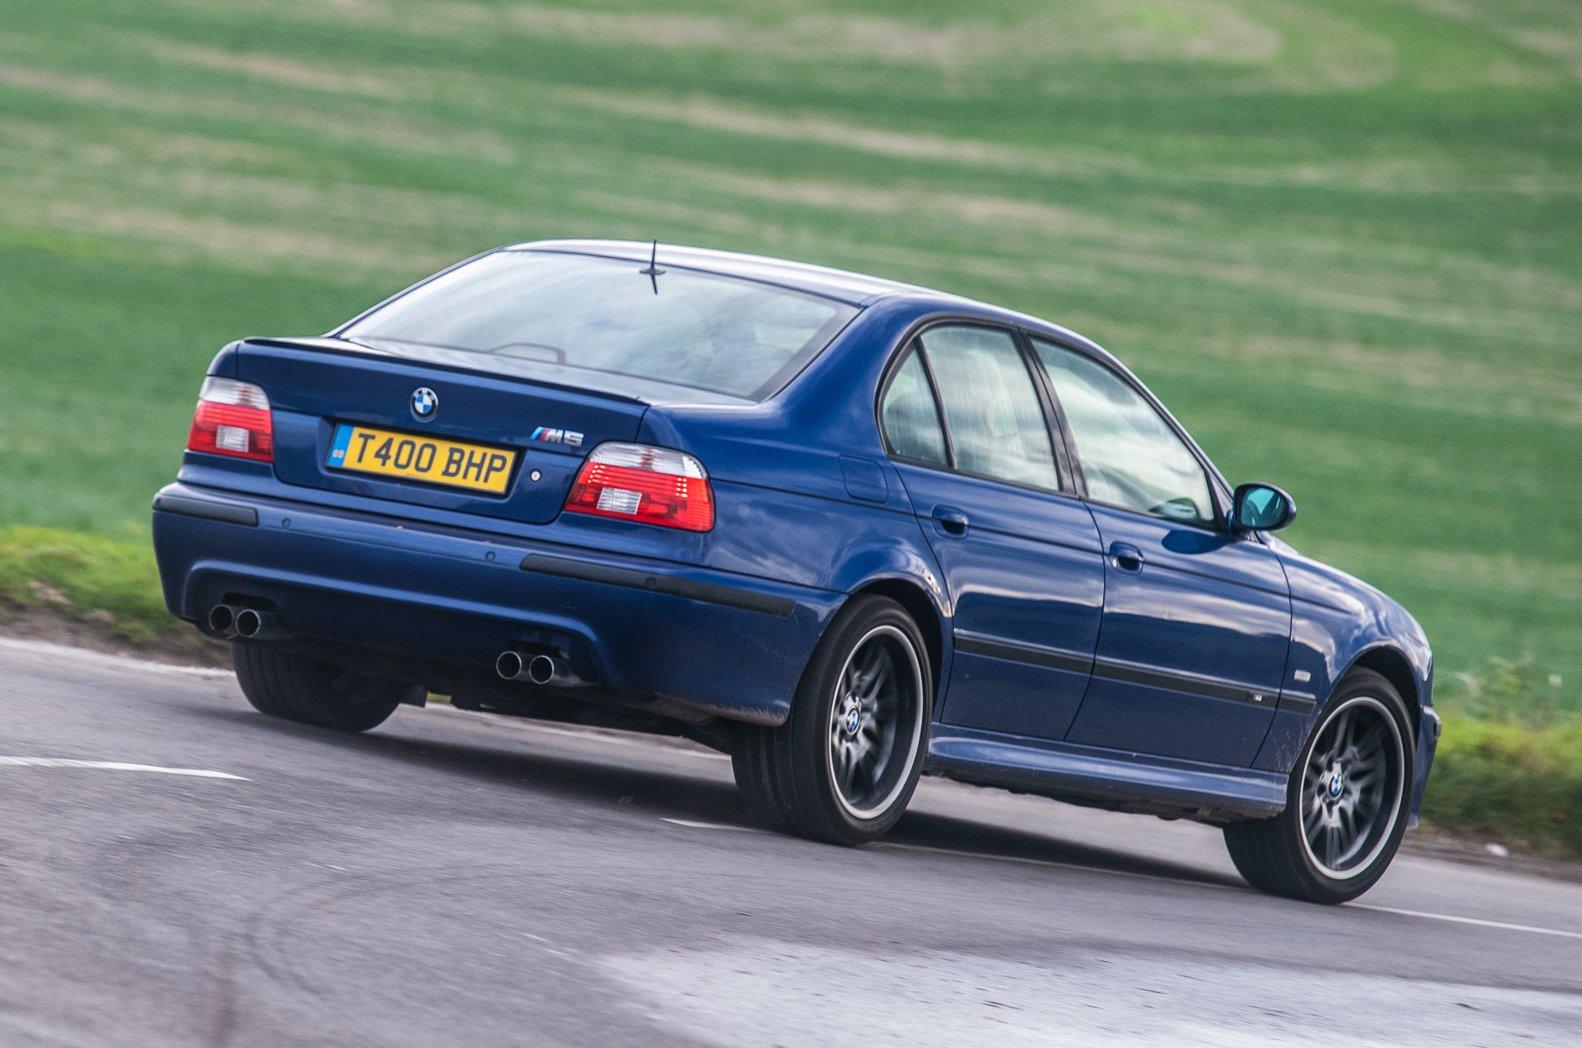 E39 BMW M5 rear